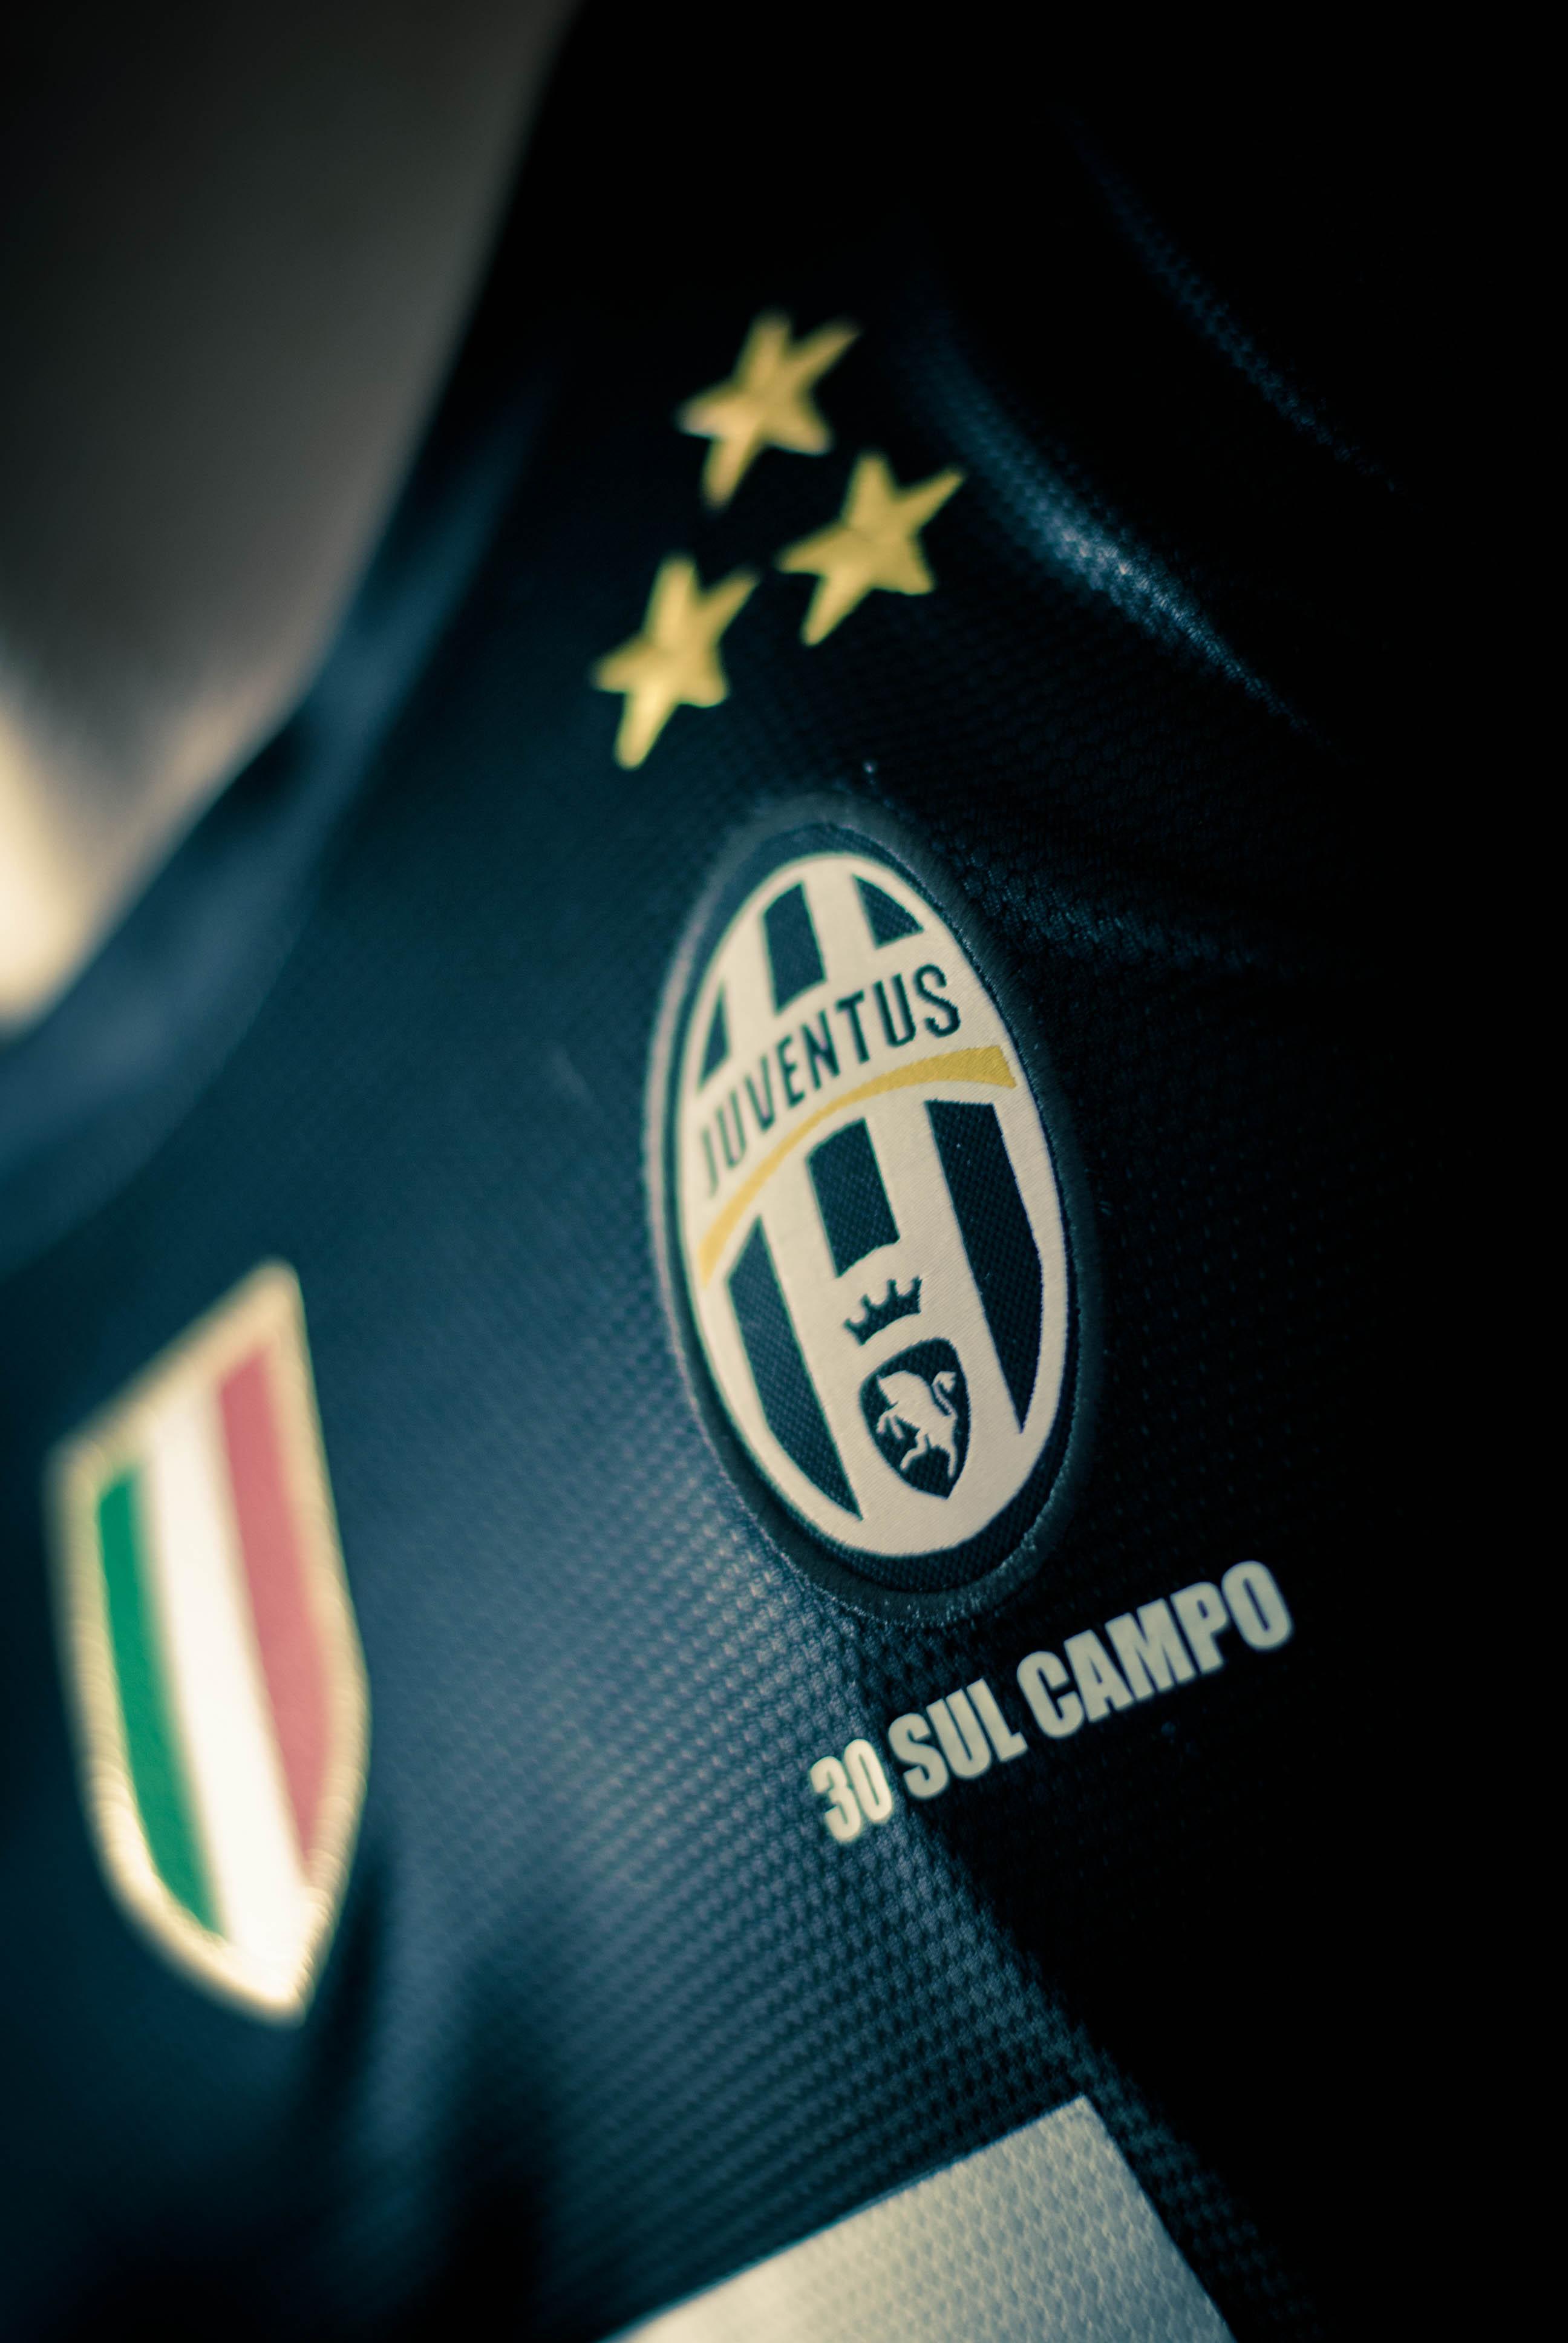 Juventus_Football_Club_2012-2013_-_30_Sul_Campo